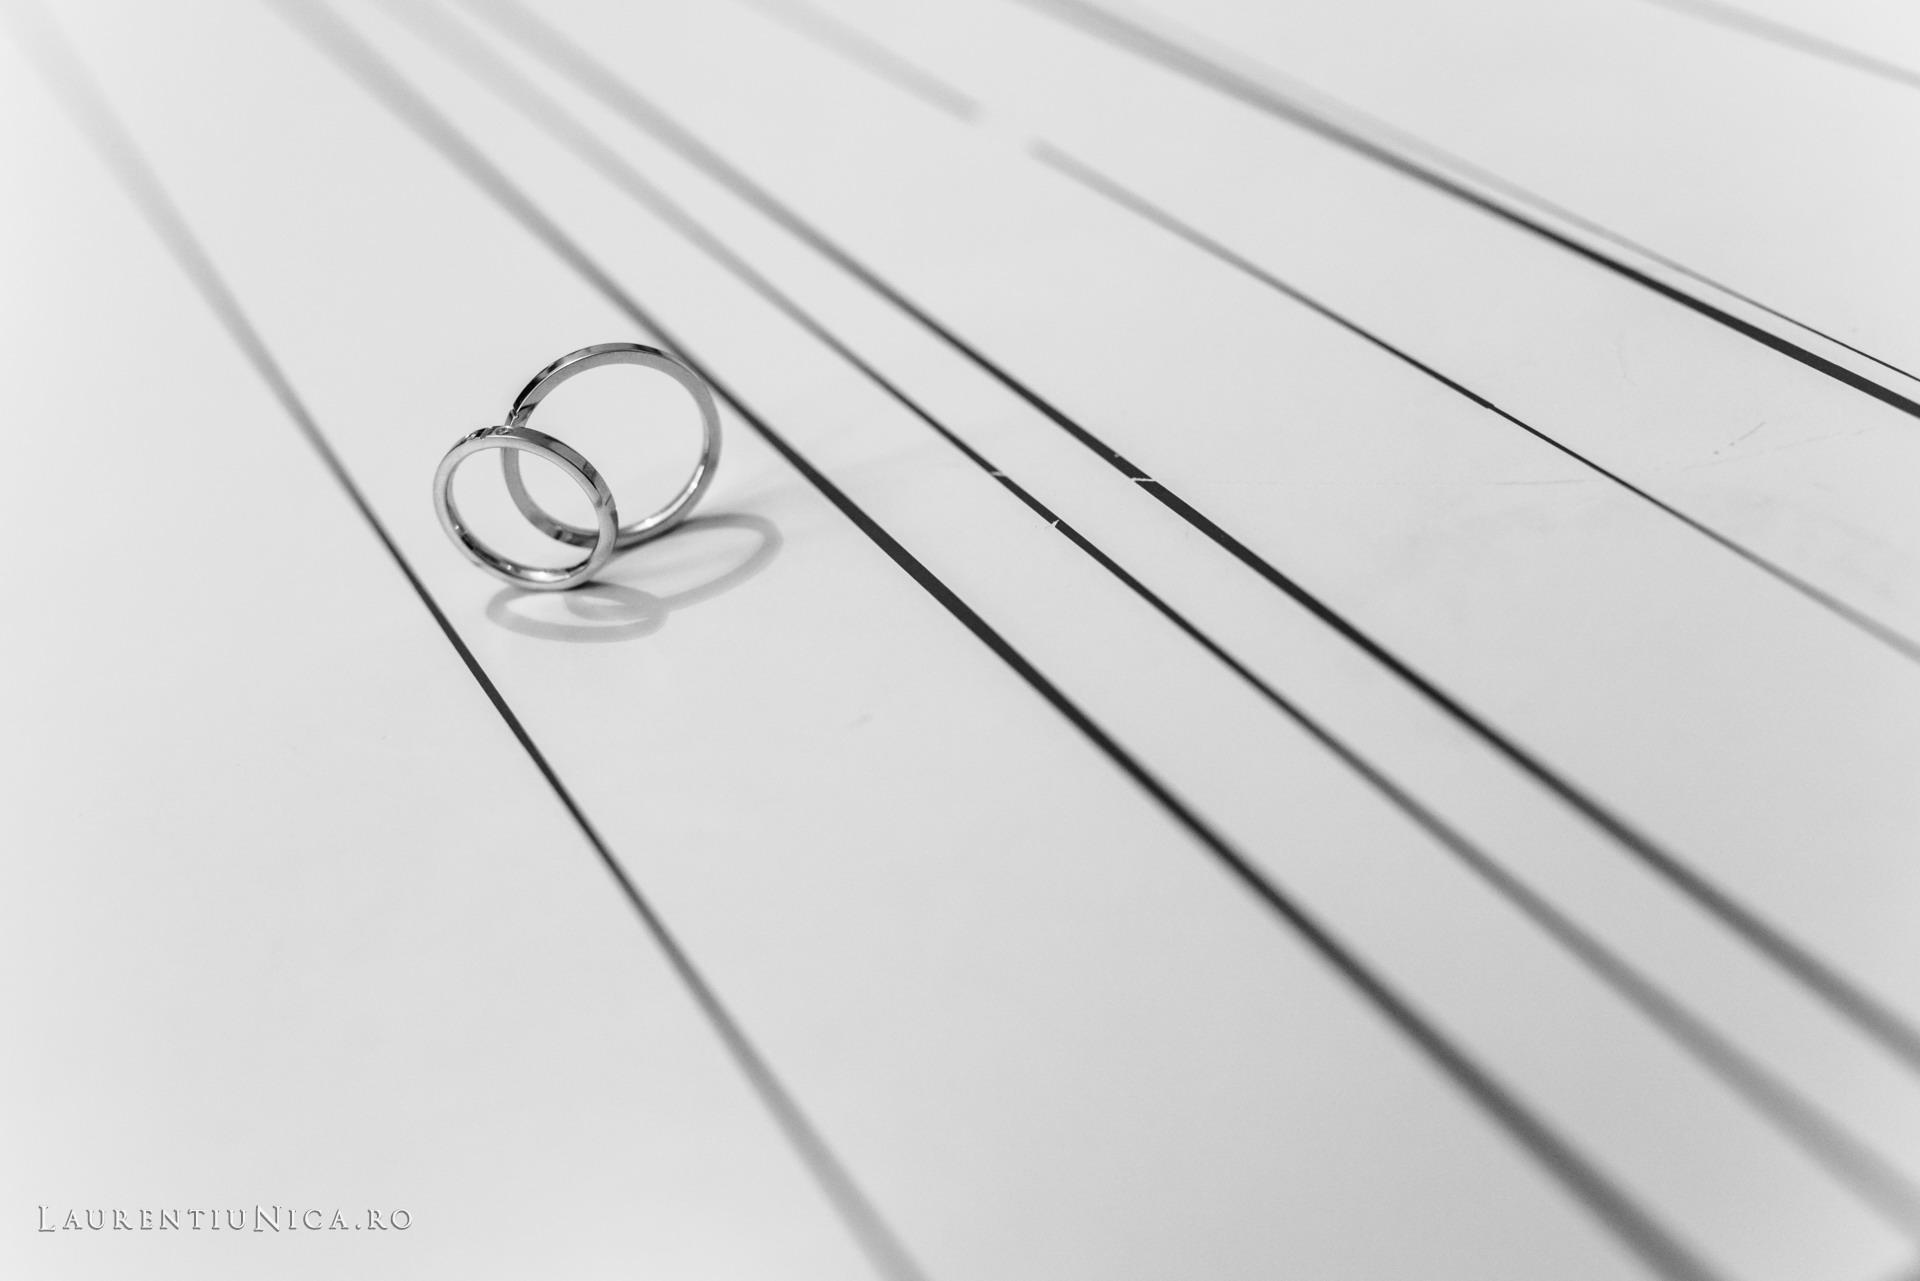 carolina si sorin craiova fotograf nunta laurentiu nica02 - Carolina & Sorin | Fotografii nunta